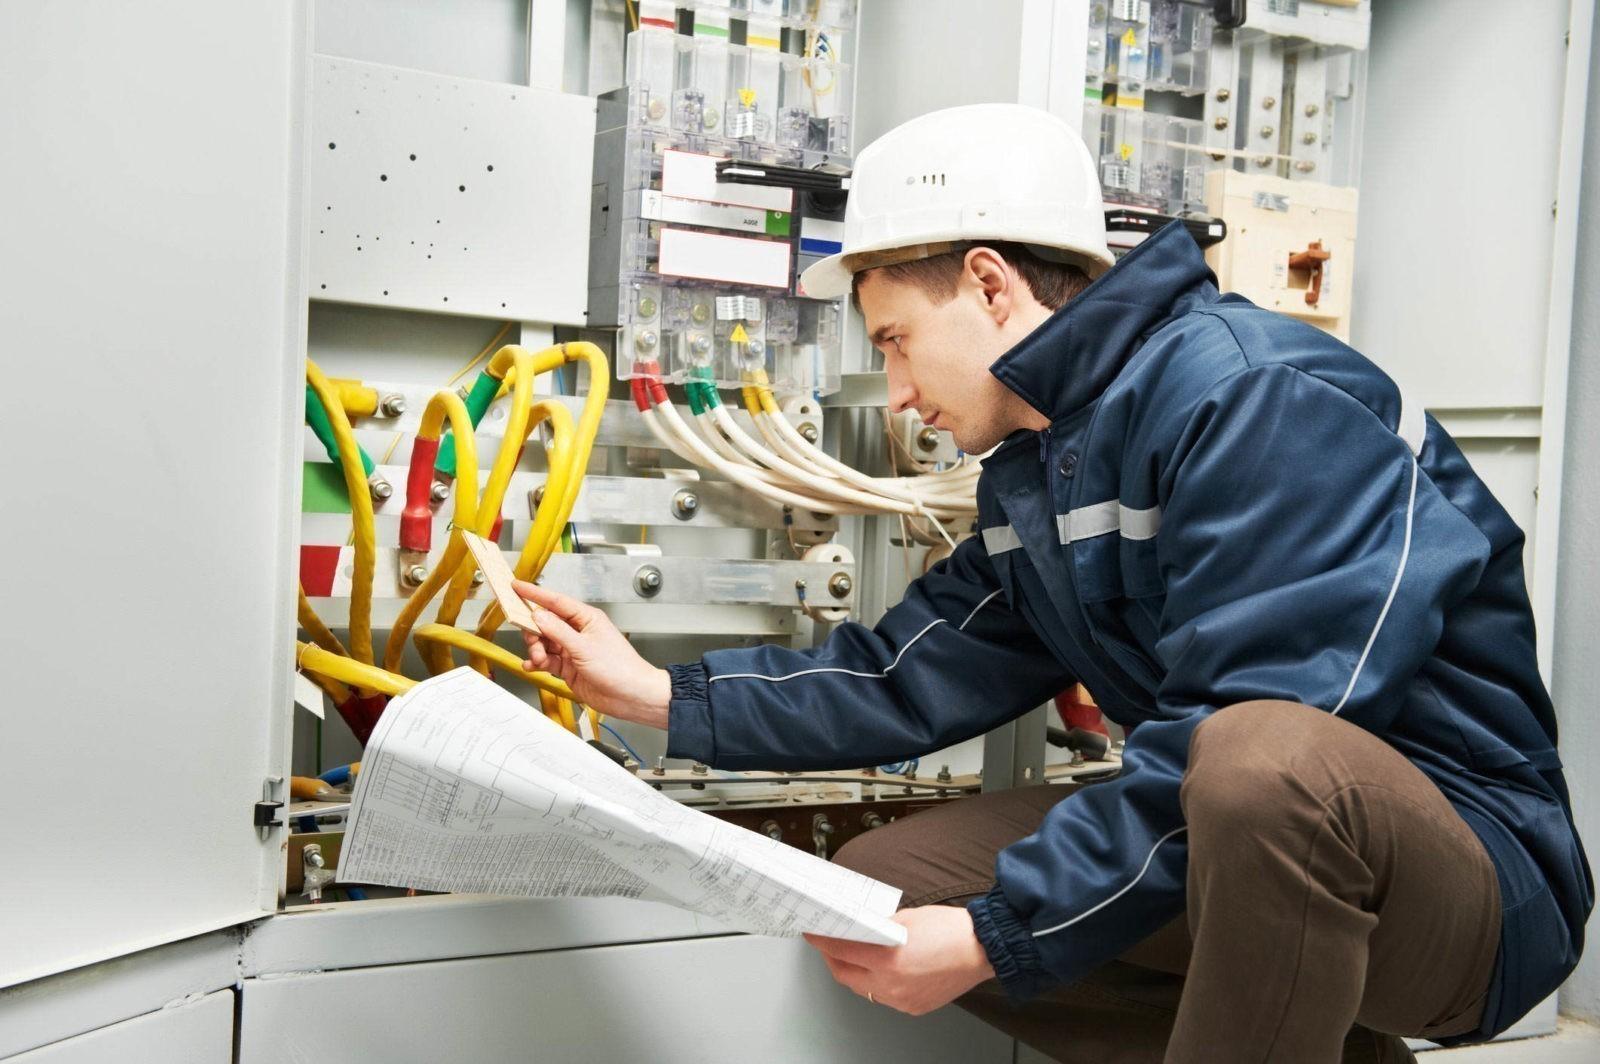 [:ua]вартості пусконалагоджувальних робіт[:ru]стоимости пусконаладочных работ[:]